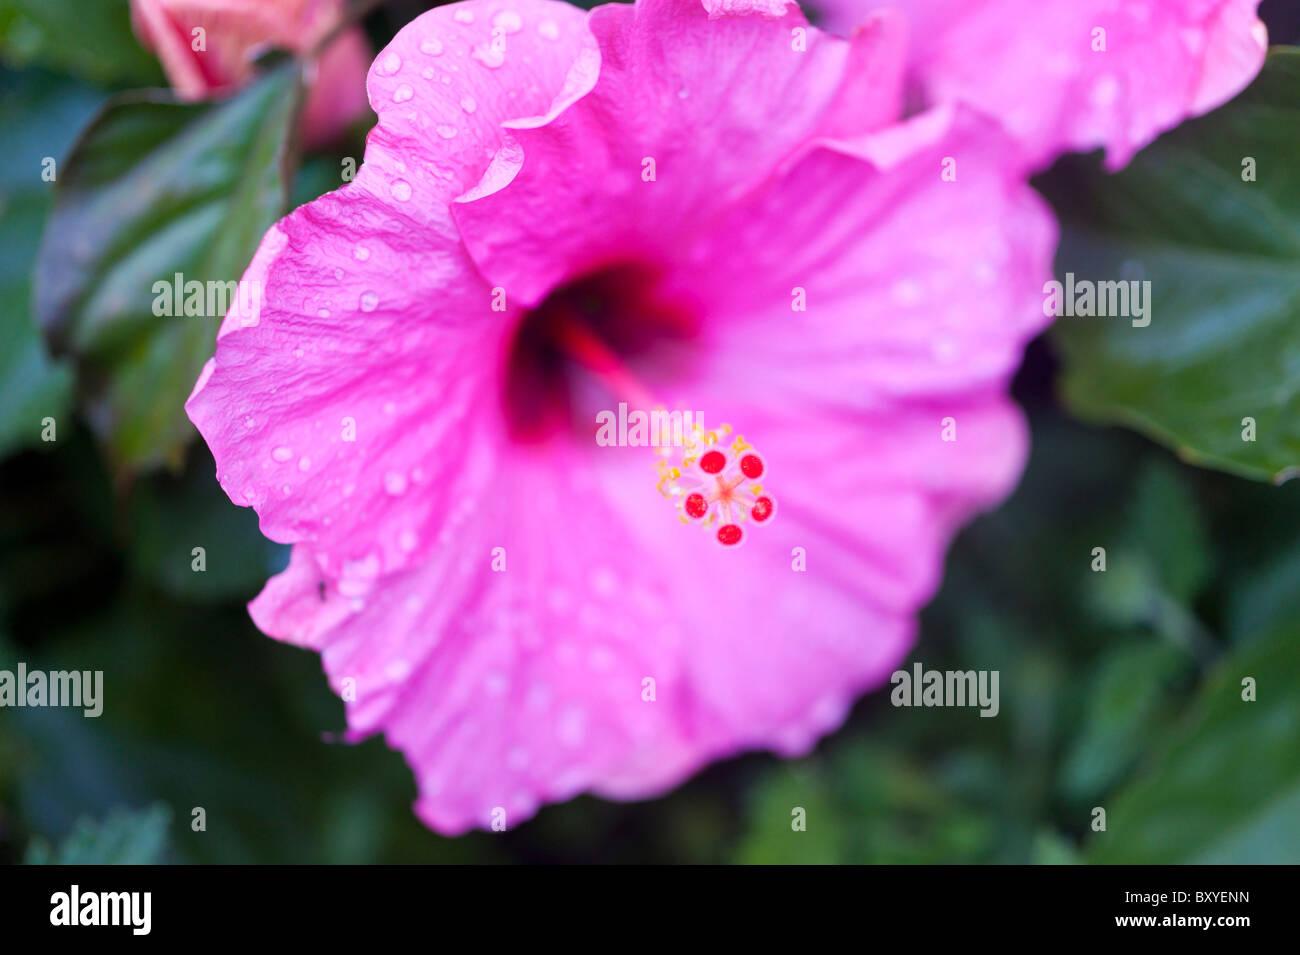 Magenta fiori di ibisco con gocce di pioggia Immagini Stock